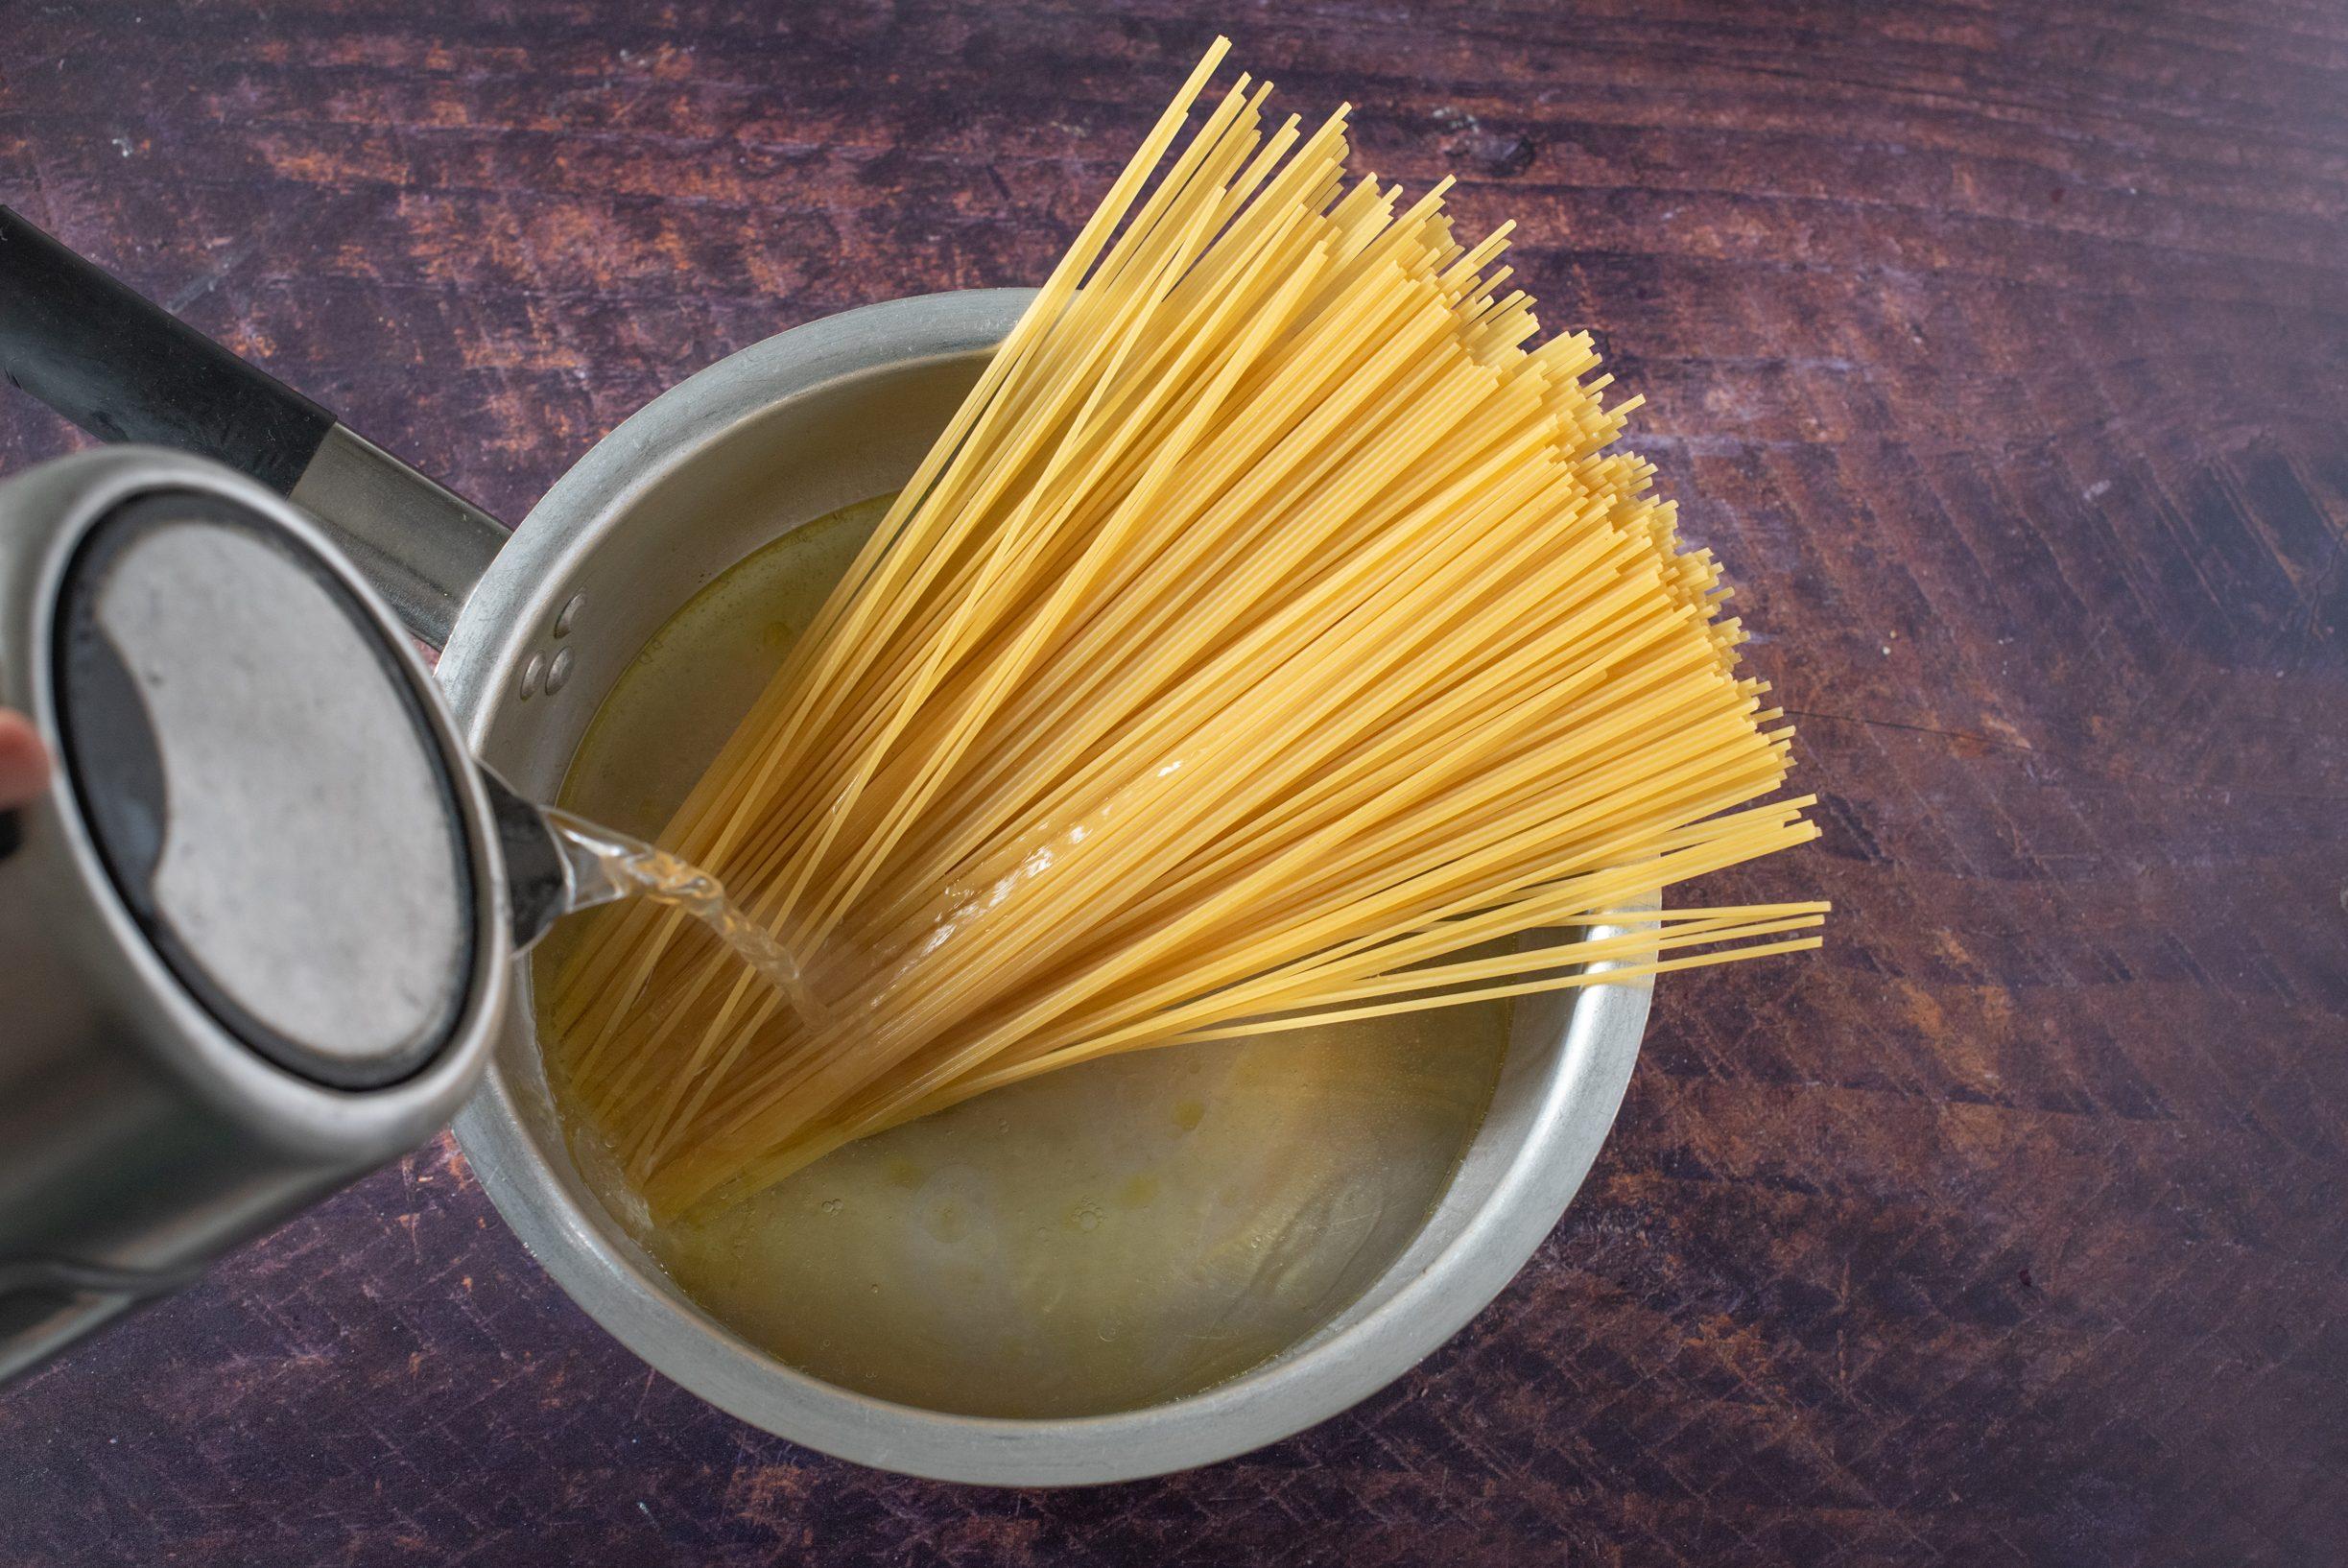 Spaghetti all'assassina, aggiungete l'acqua